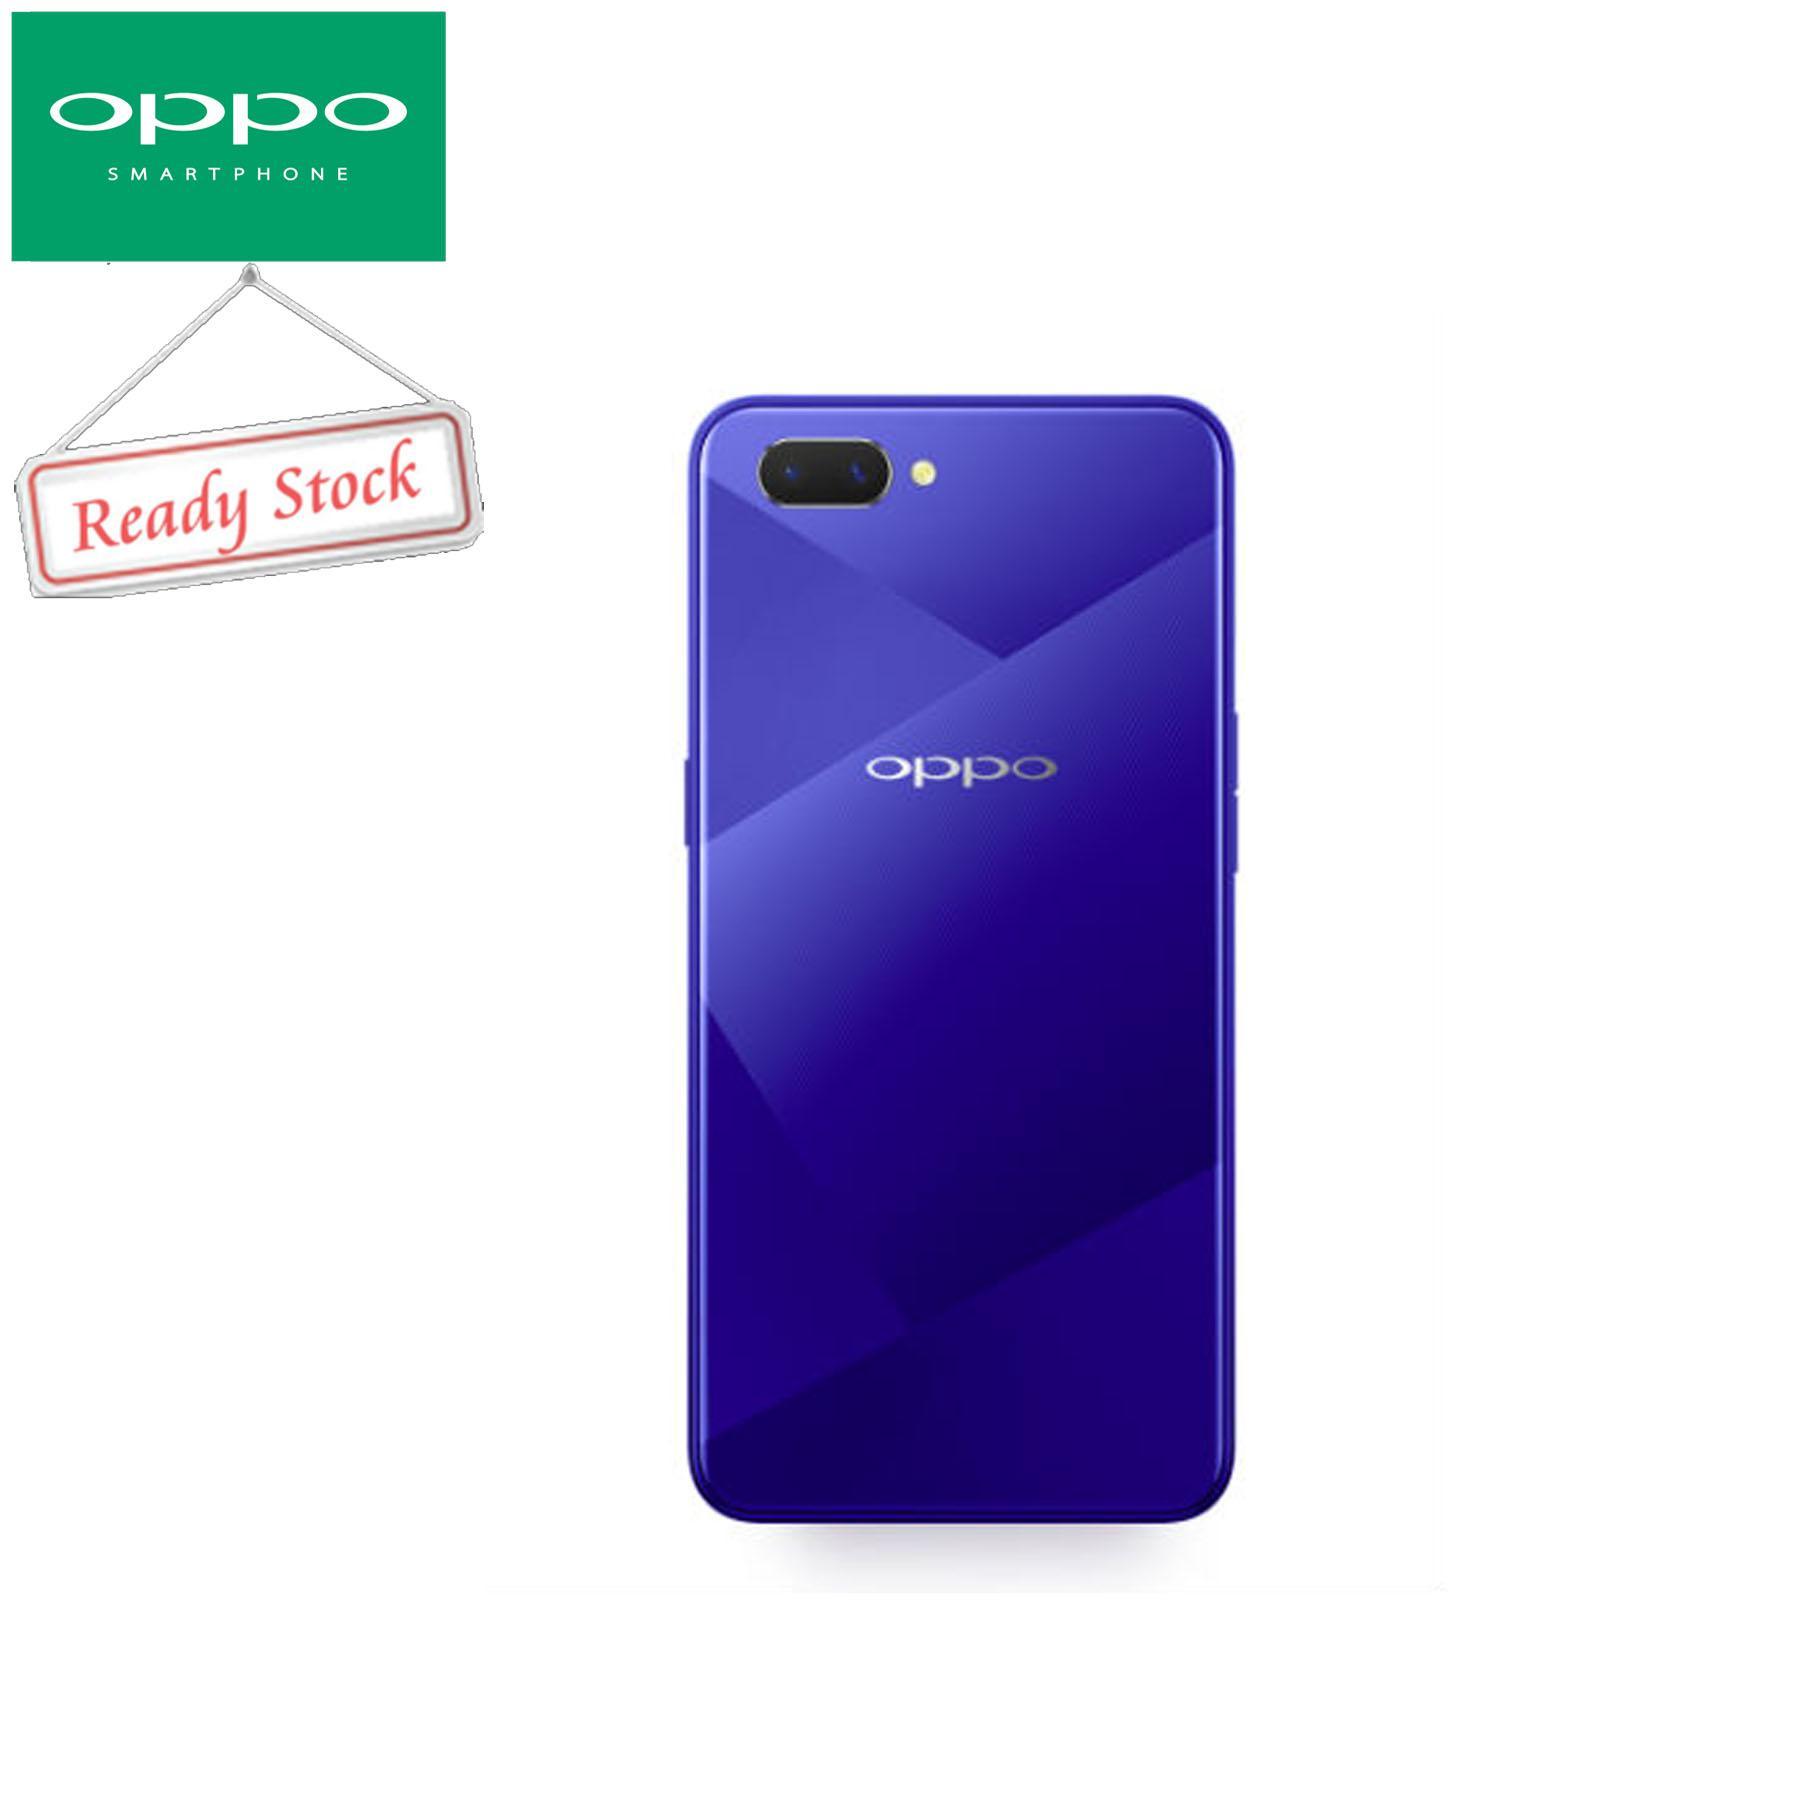 Fitur Oppo A3s 3 32gb Free Paket Hp Fitur Garansi Resmi Oppo